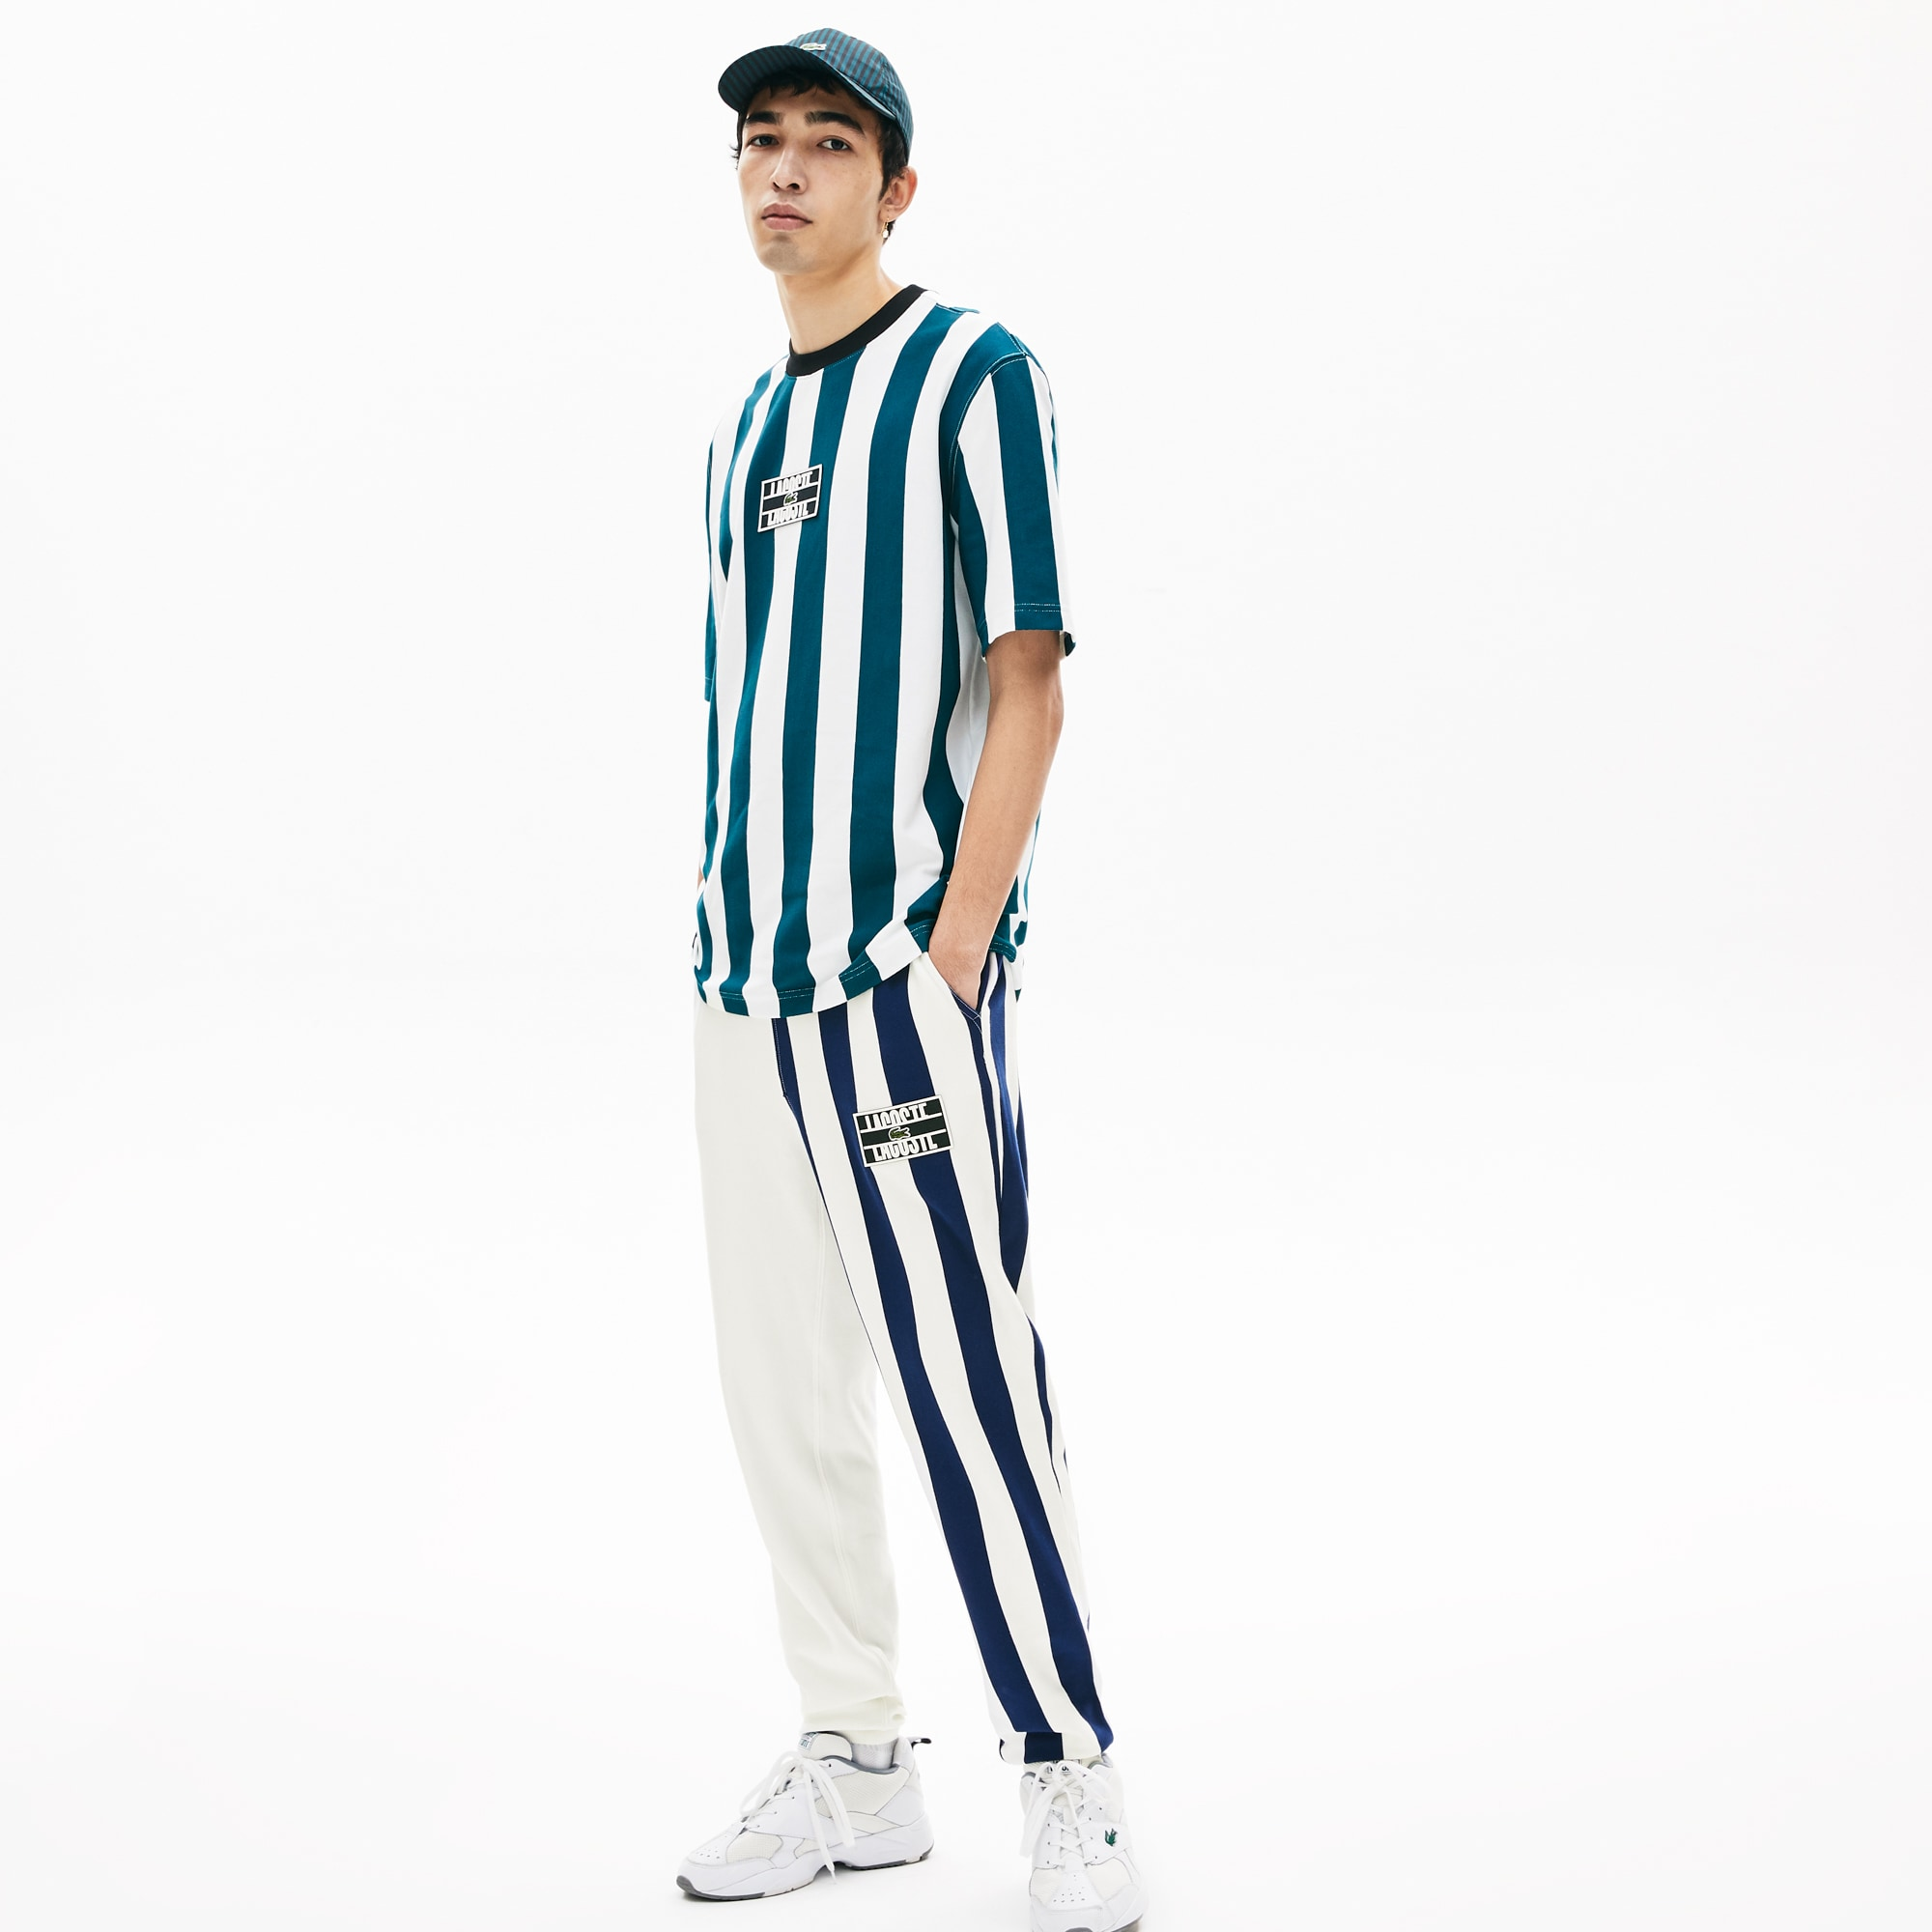 라코스테 라이브 트랙 팬츠 Lacoste Mens LIVE Bicolor Fleece Tracksuit Pants,White / Navy Blue / White